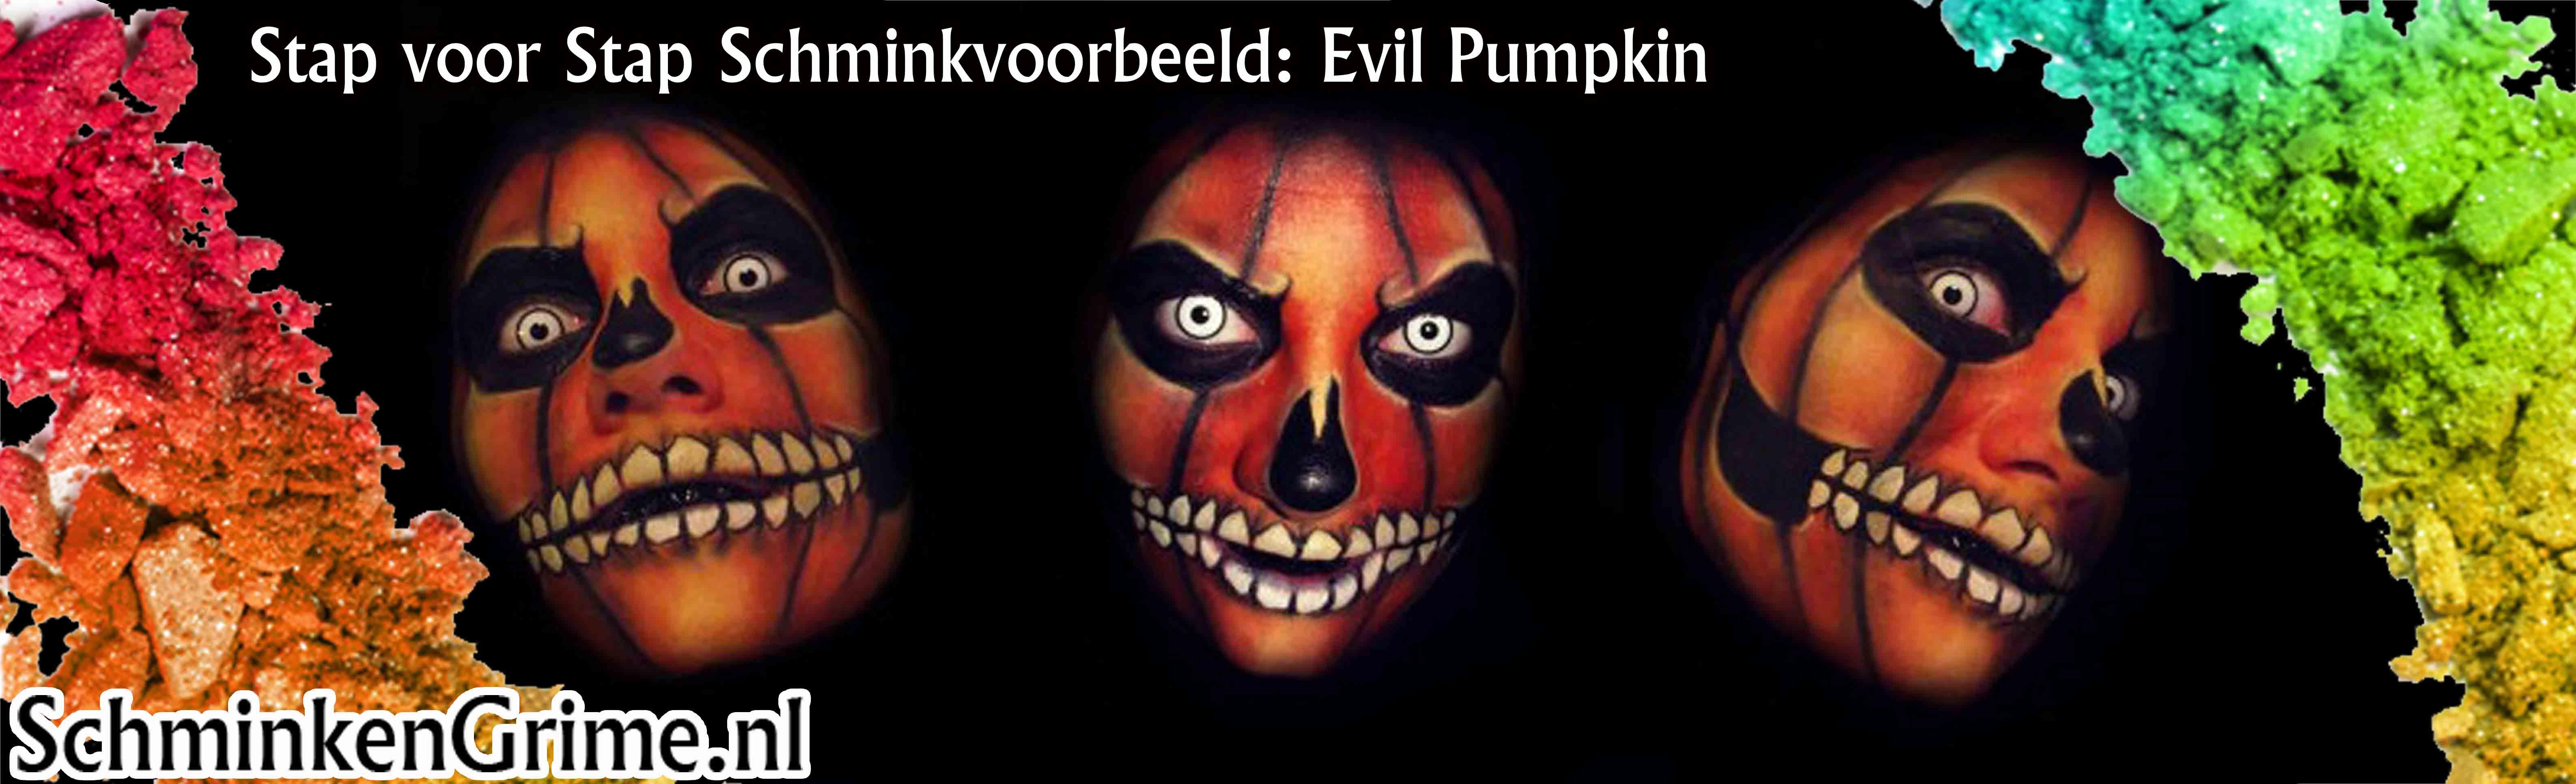 Schminkvoorbeeld evil pumpkin for Koivijver bouwen stap voor stap